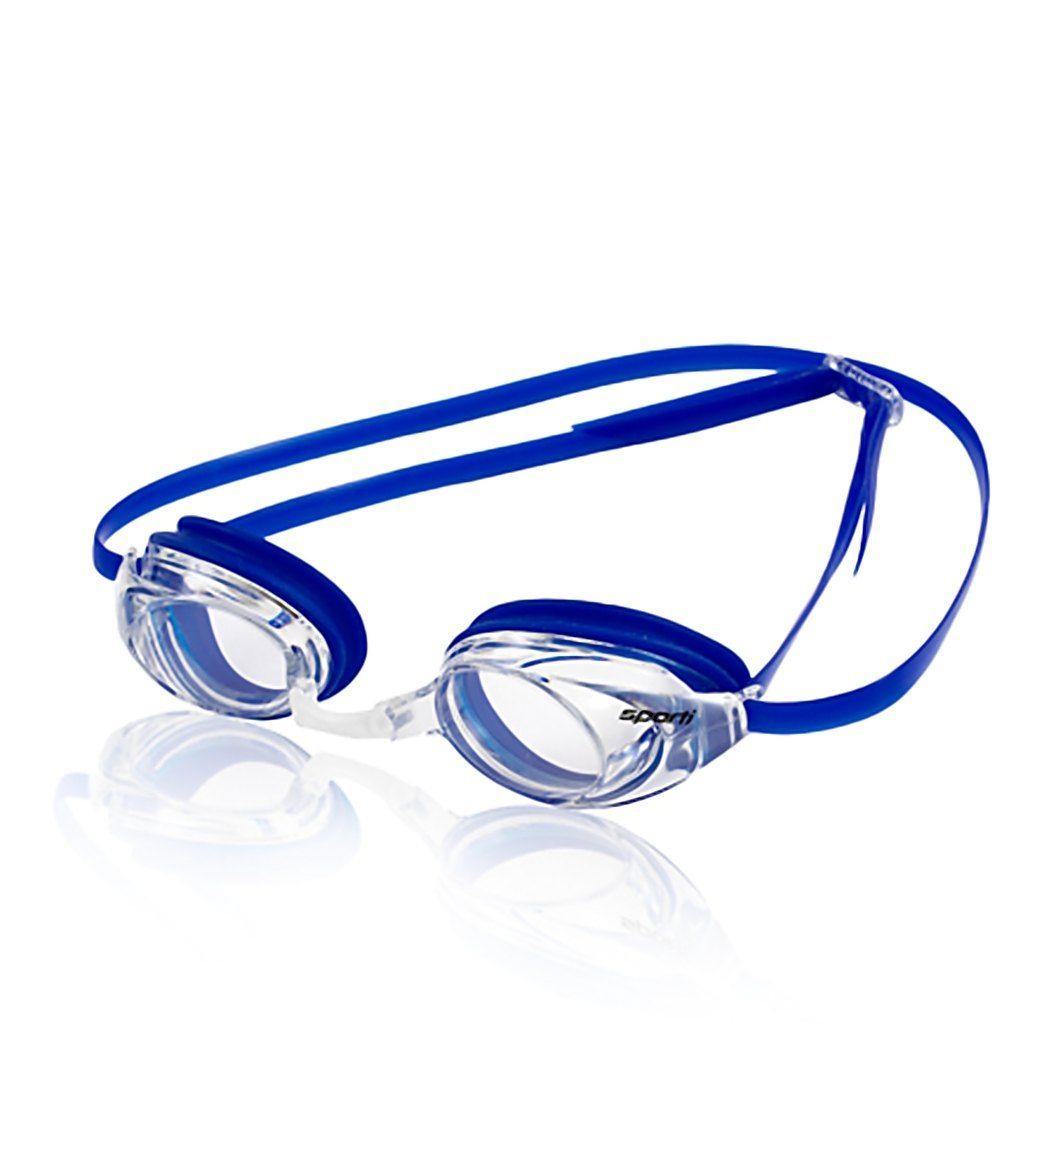 726872af41 Sporti Antifog S2 Jr. Goggle